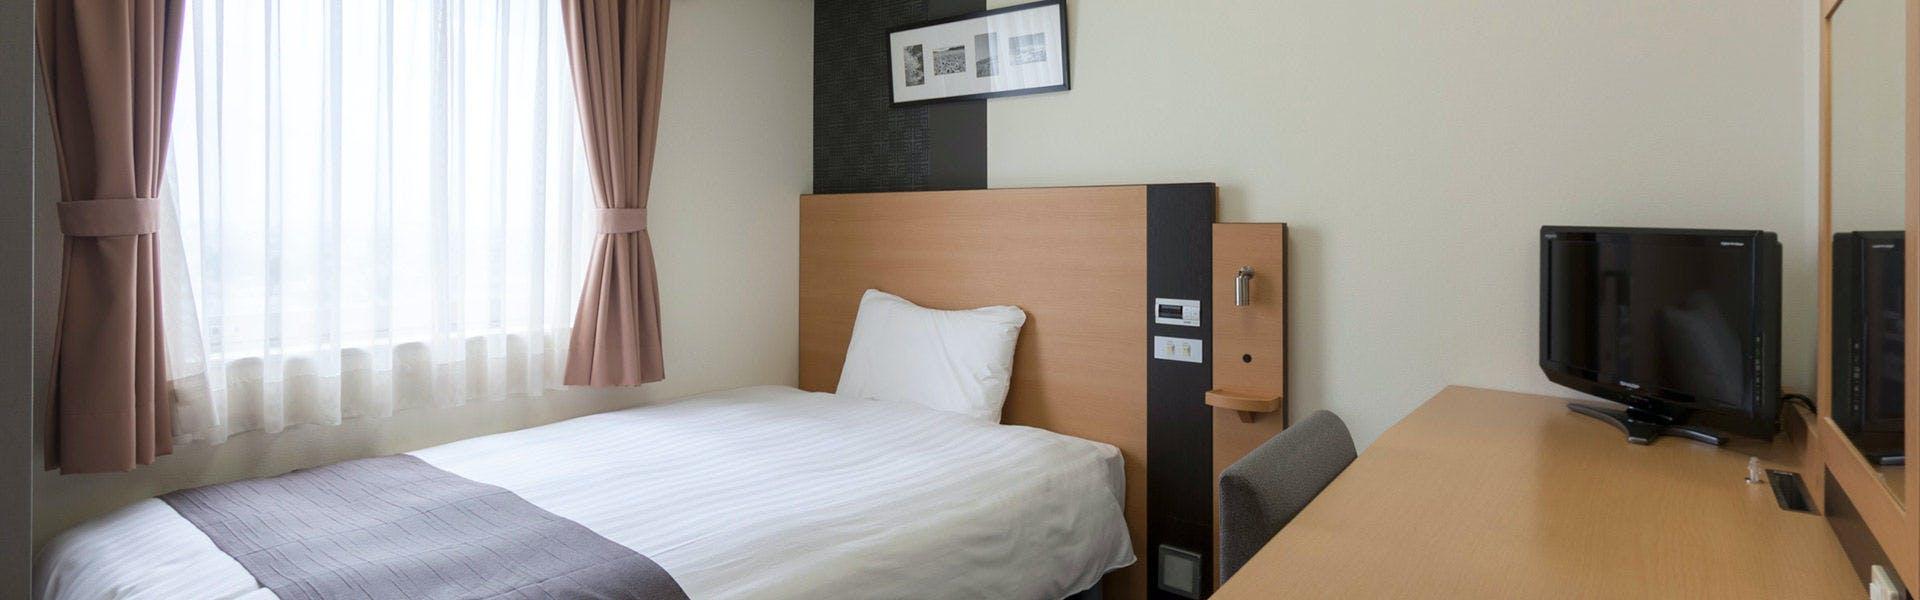 記念日におすすめのホテル・【コンフォートホテル天童】 の空室状況を確認するの写真3